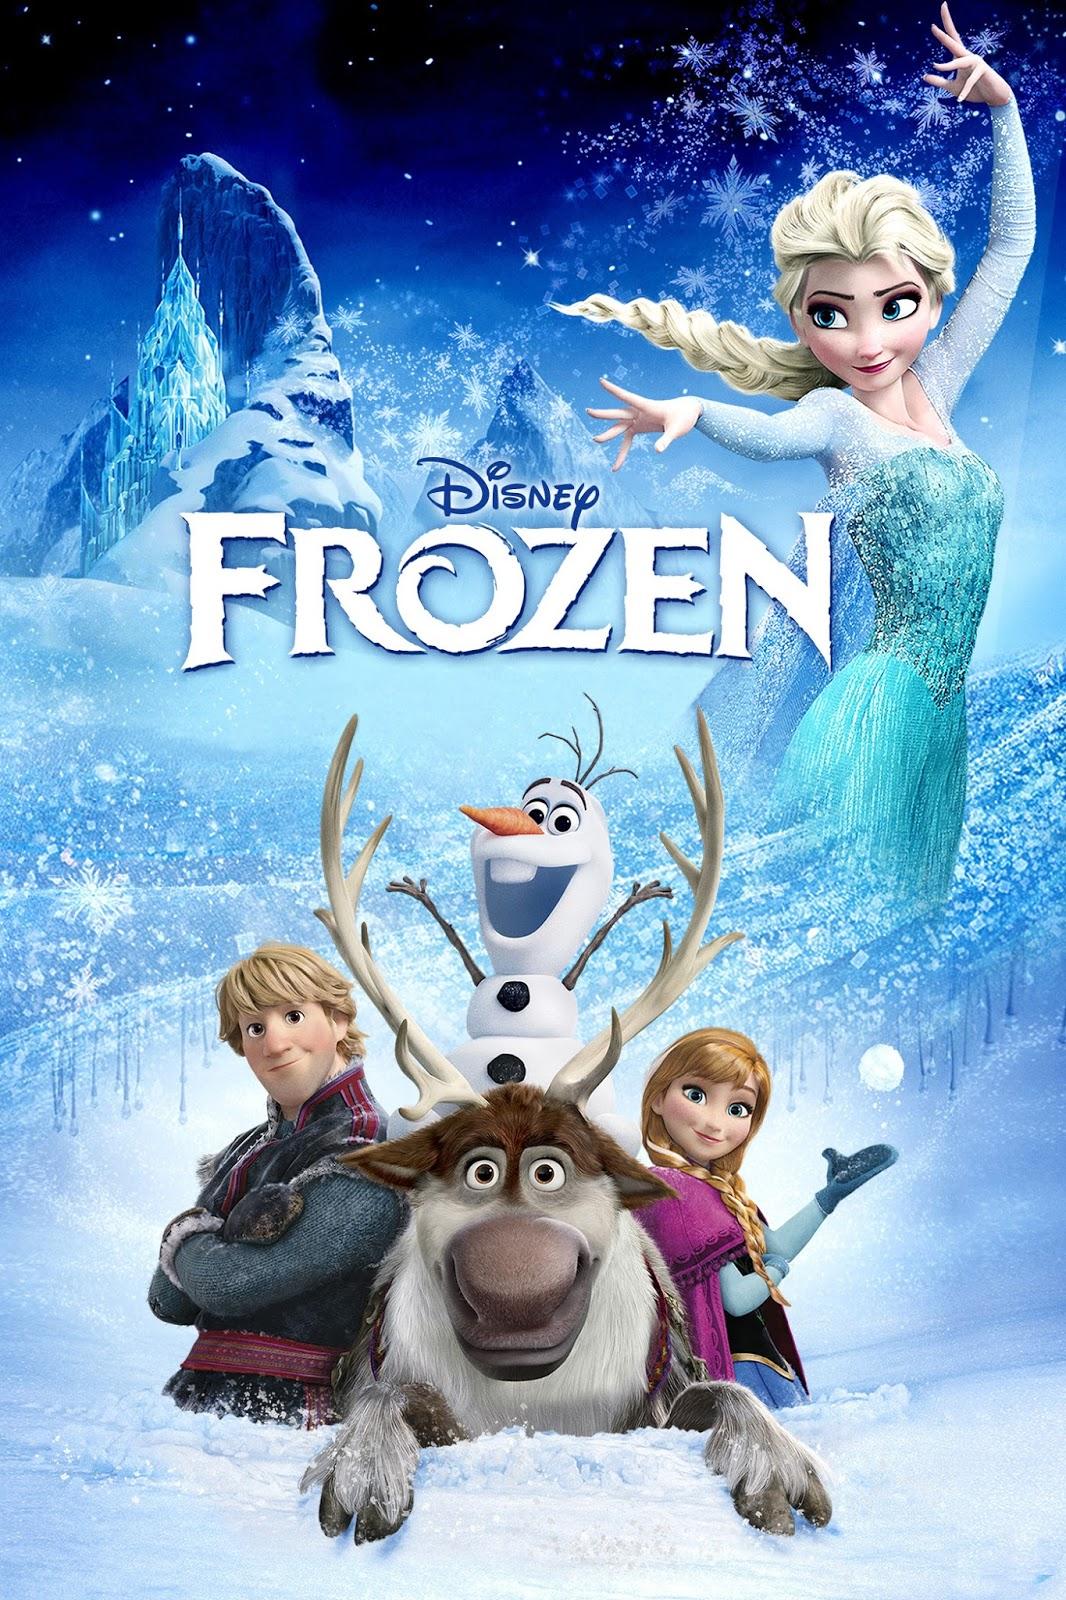 Frozen desene dublat in romana online dating